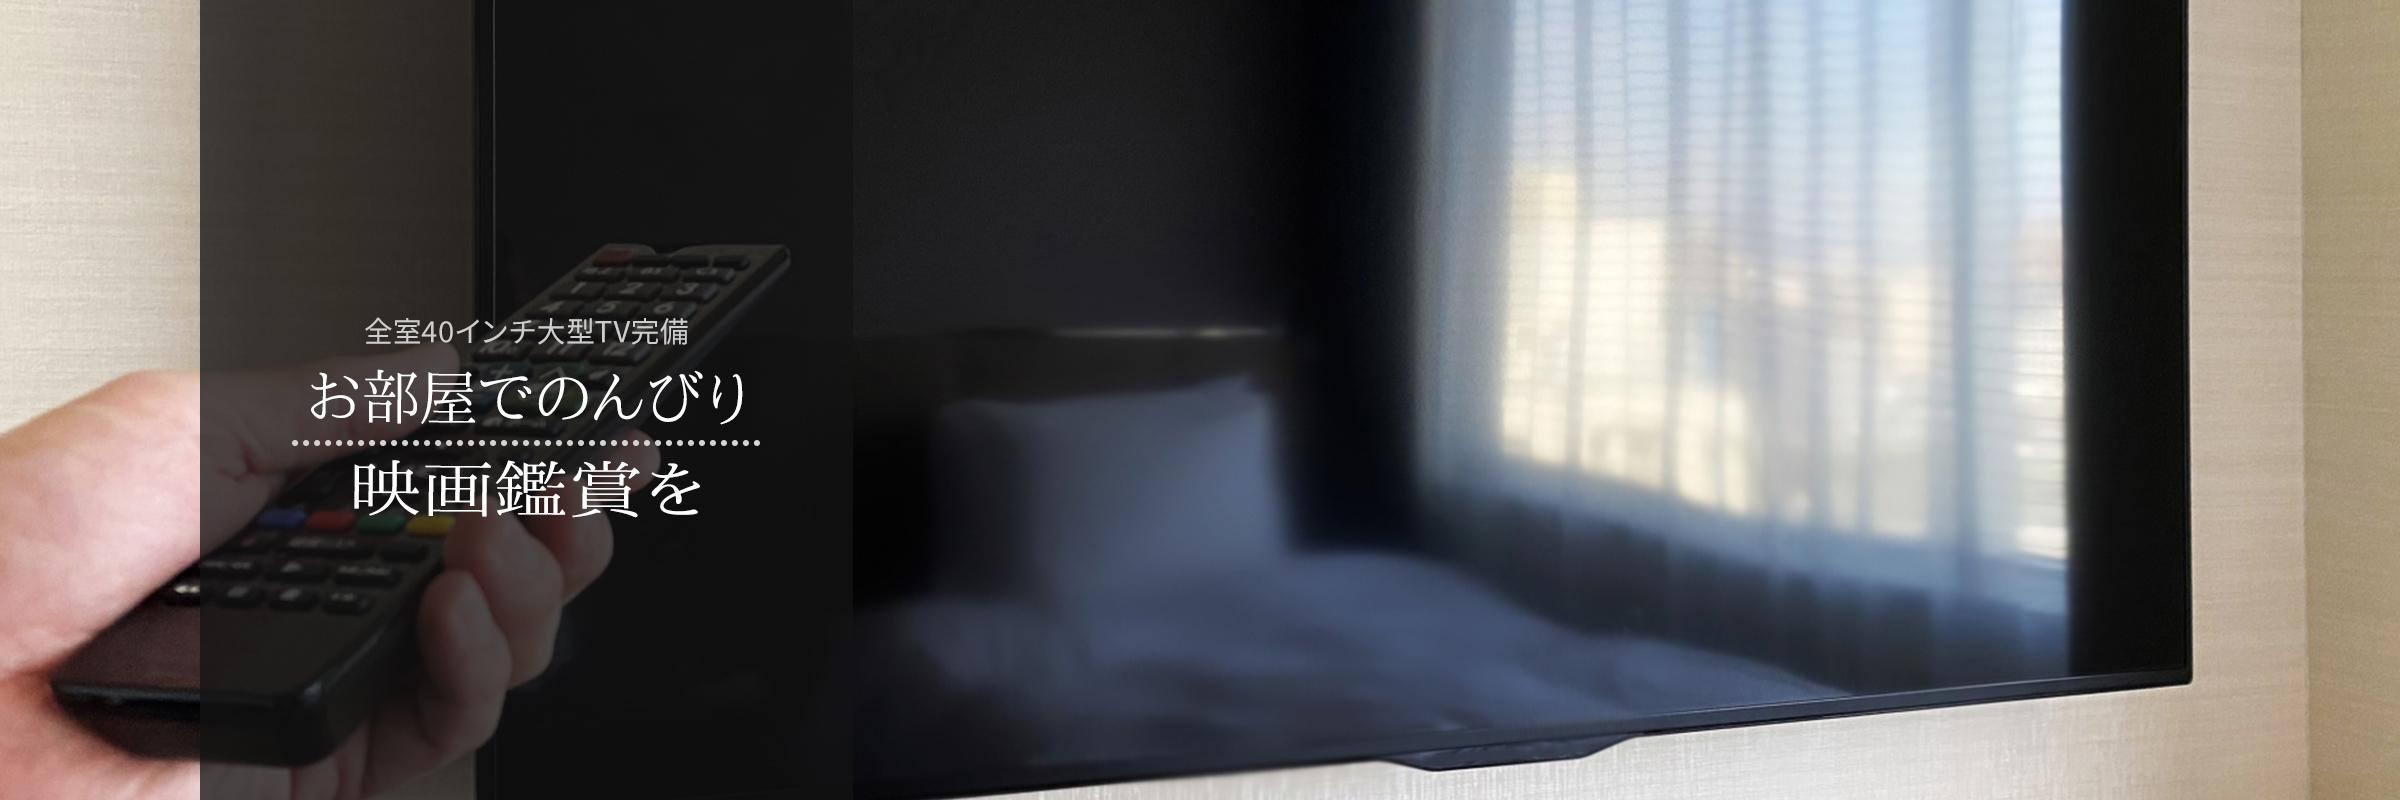 全室32型以上のTV画面 お部屋でのんびり映画鑑賞を